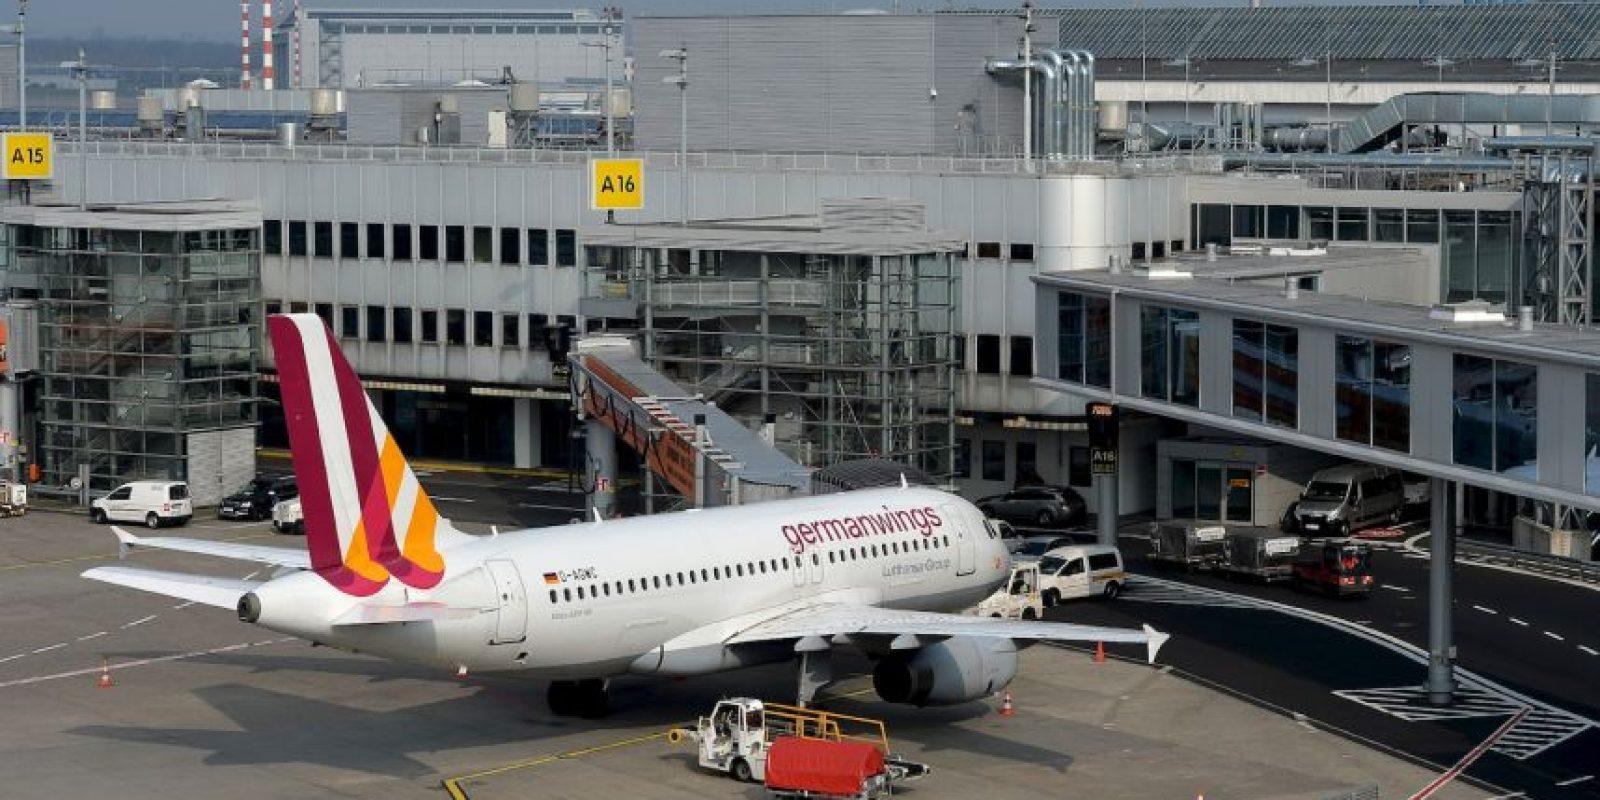 El vuelo 4U826 de Germanwings no pudó realizar el despegue. Foto:Getty Images